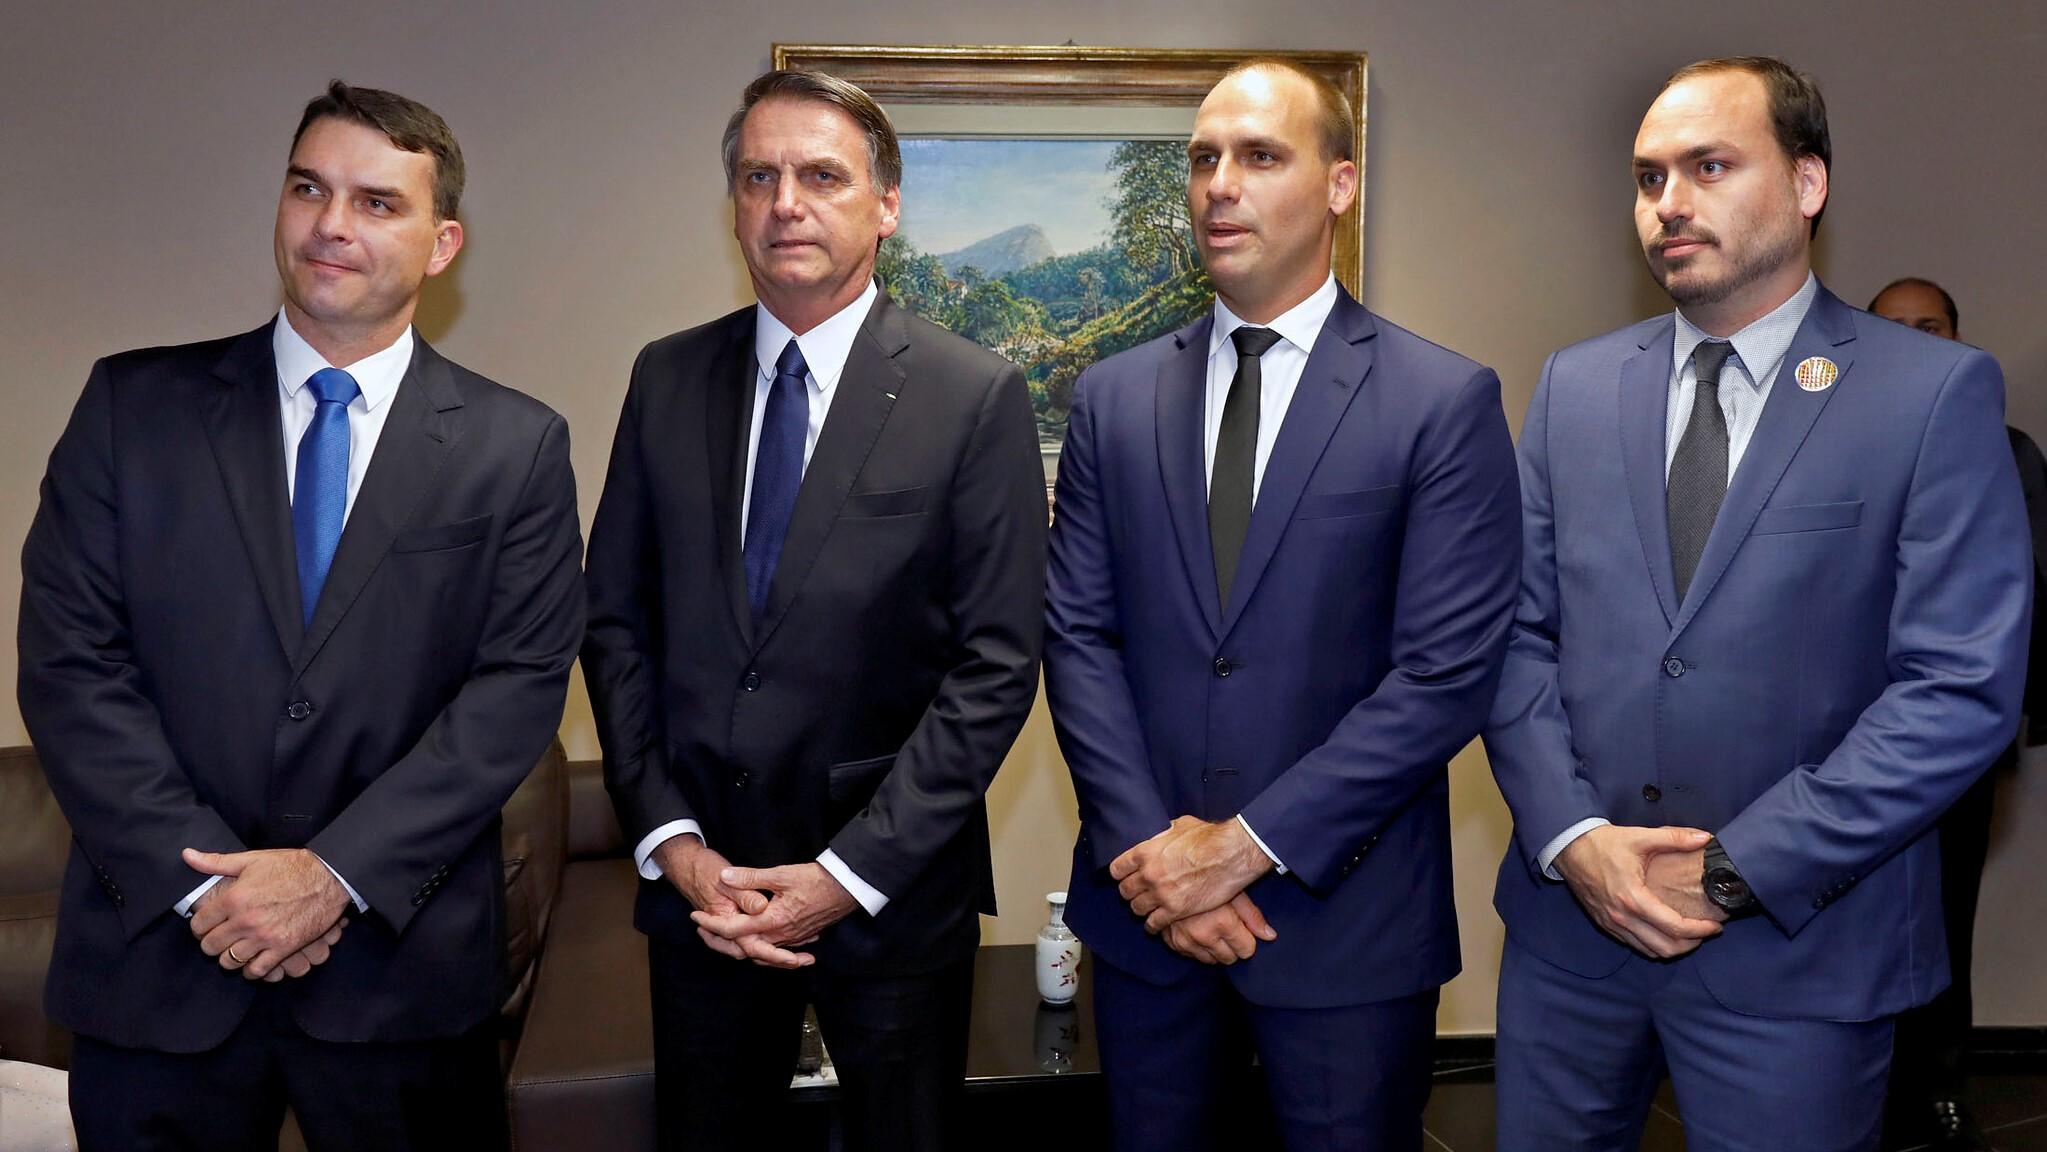 IMAGEM: 54,6% querem impeachment de Bolsonaro